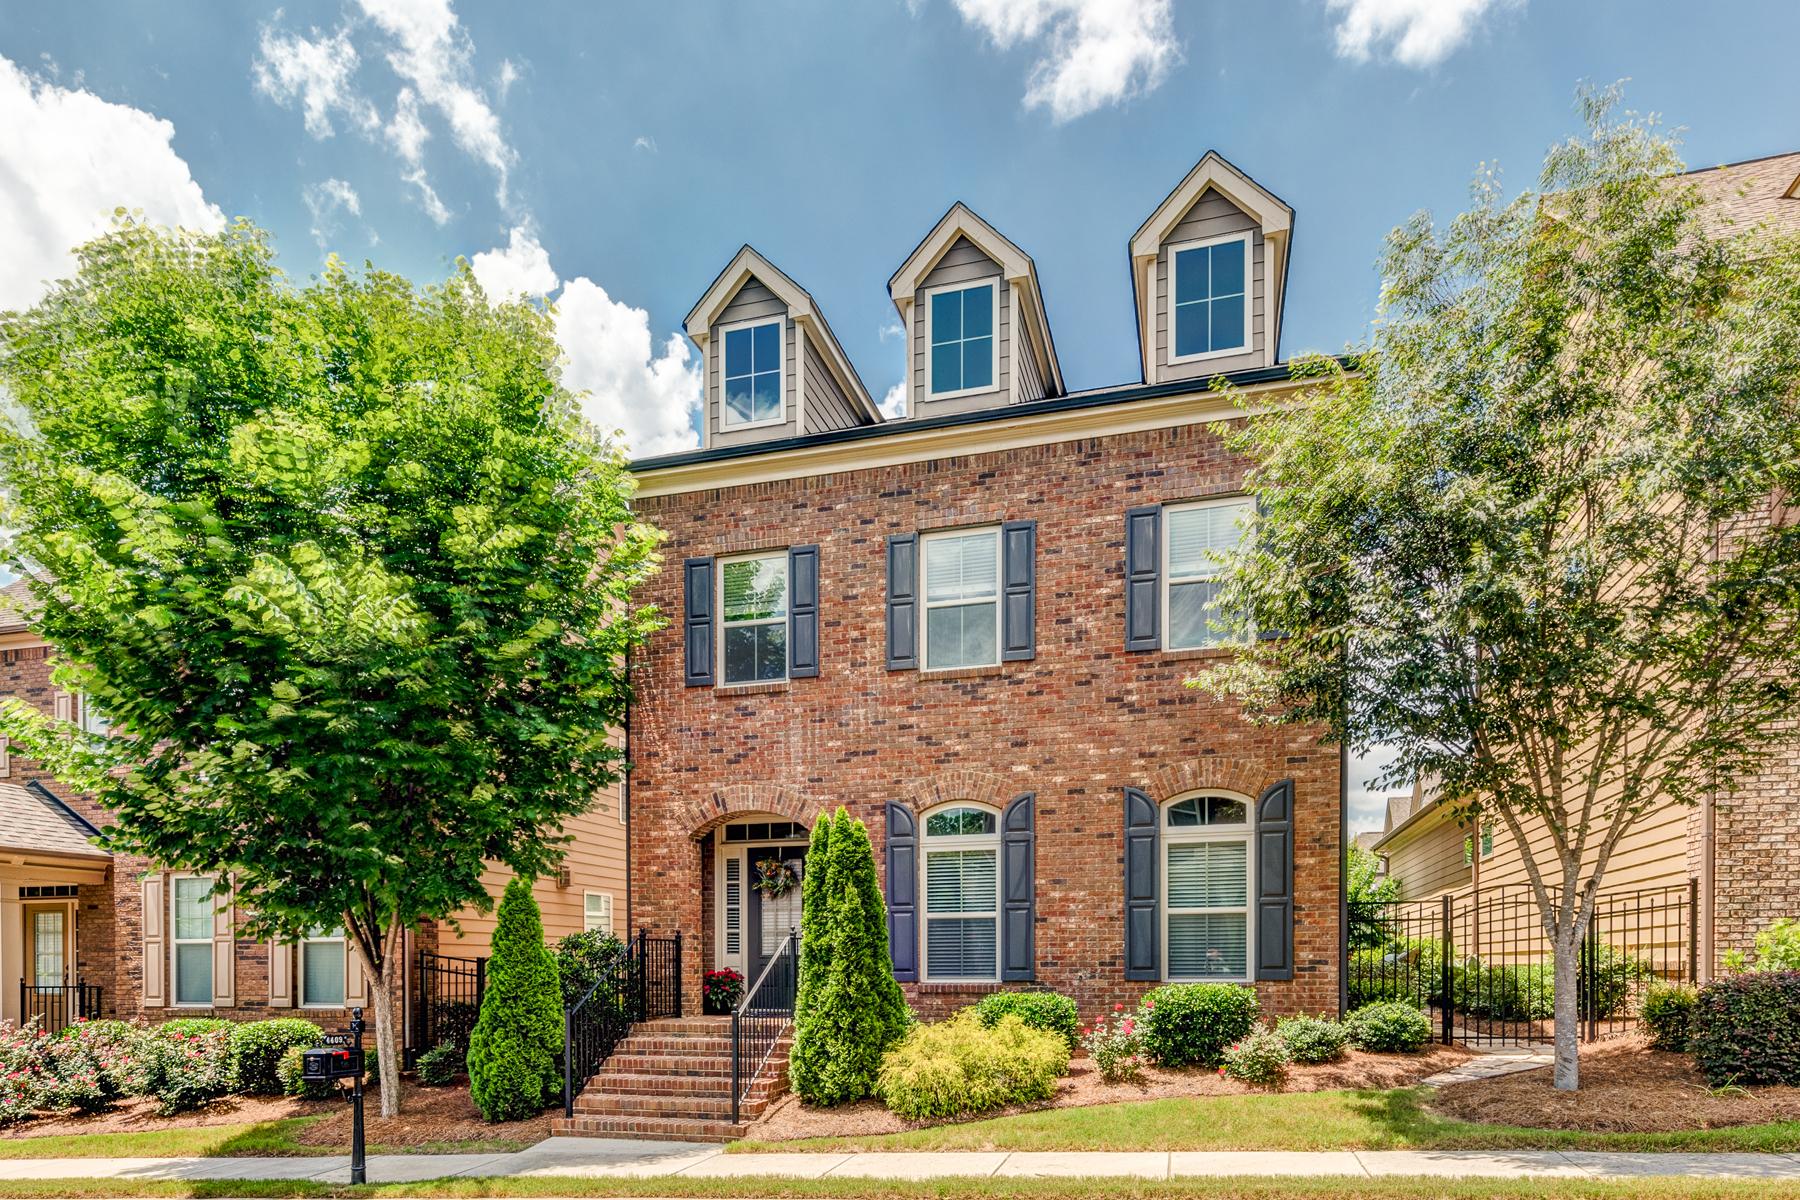 단독 가정 주택 용 매매 에 Beautiful Turn-key Home In Prestigious Gated Woodbridge Crossing 4409 Felix Way SE Smyrna, 조지아, 30082 미국